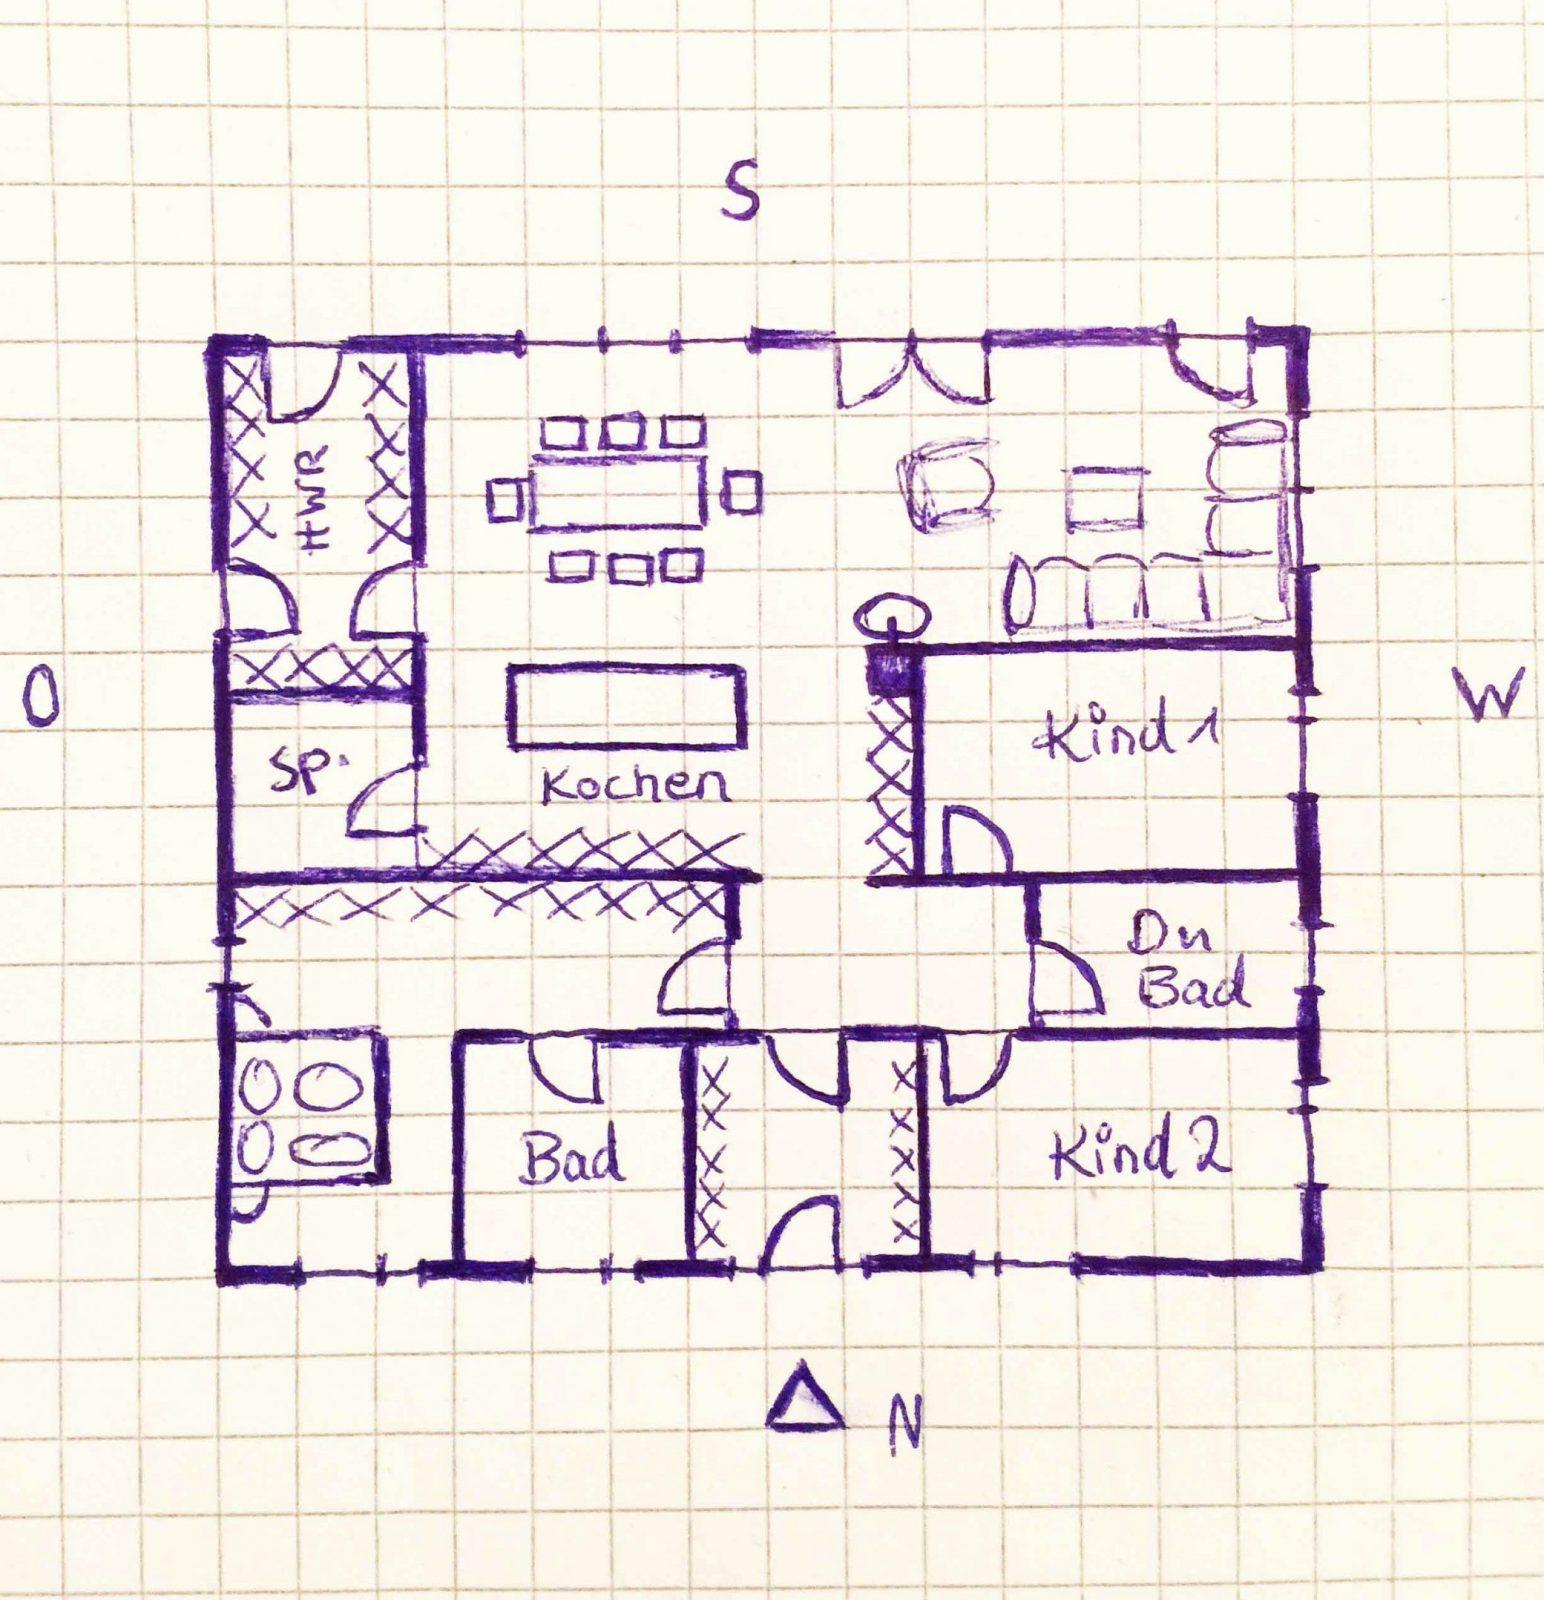 Bungalow Grundriss Mit Garage Inspirierend Grundriss Bungalow 120 Qm von Grundriss Bungalow 120 Qm Mit Garage Bild